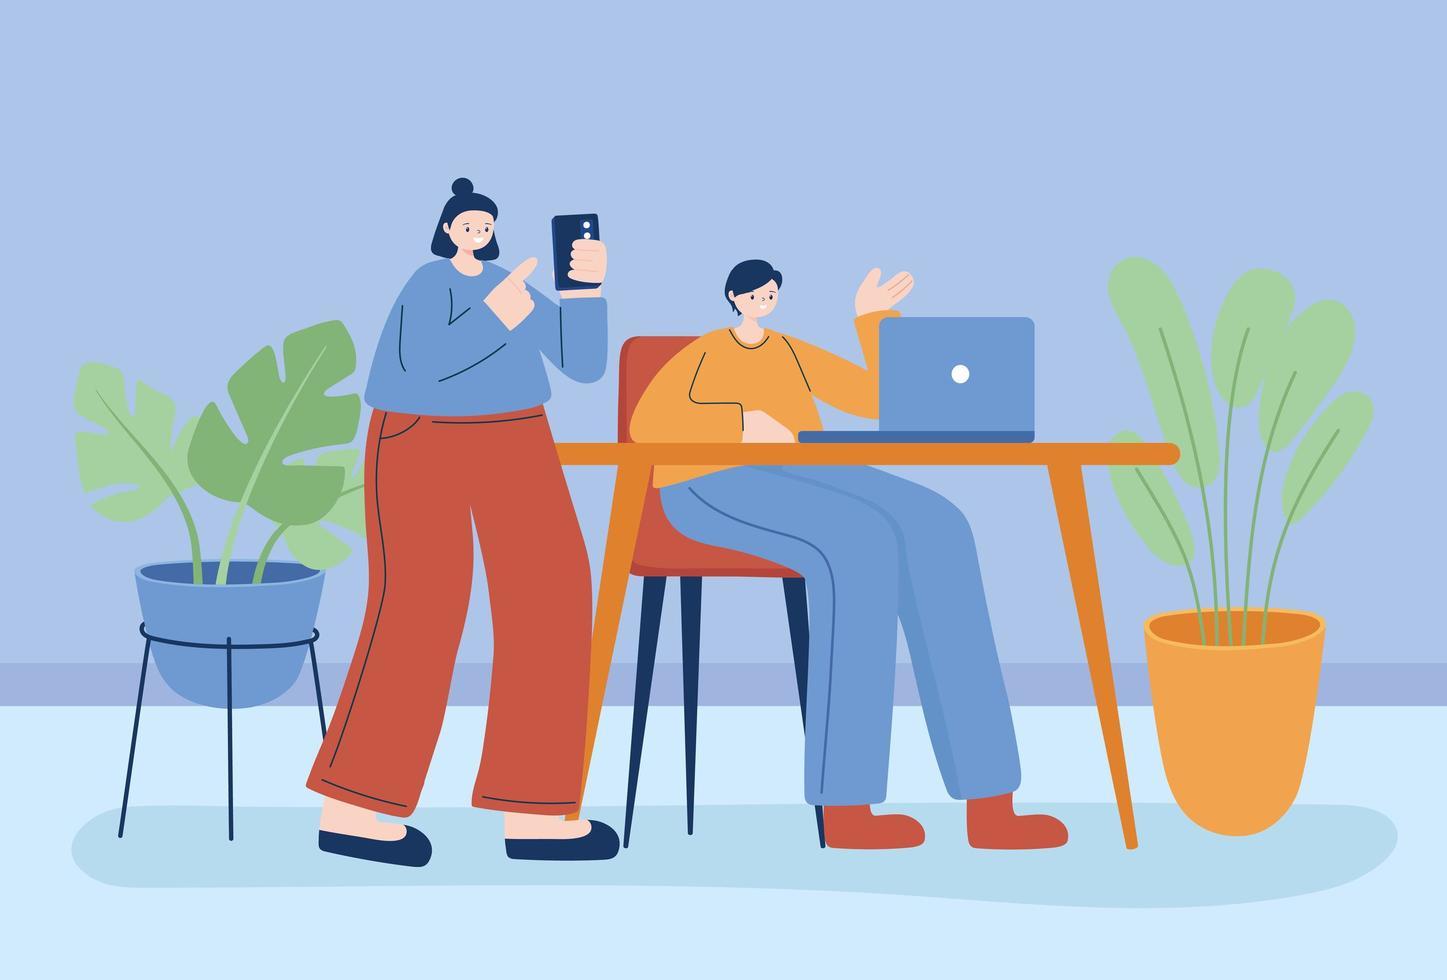 jóvenes trabajando en sus dispositivos electrónicos. vector